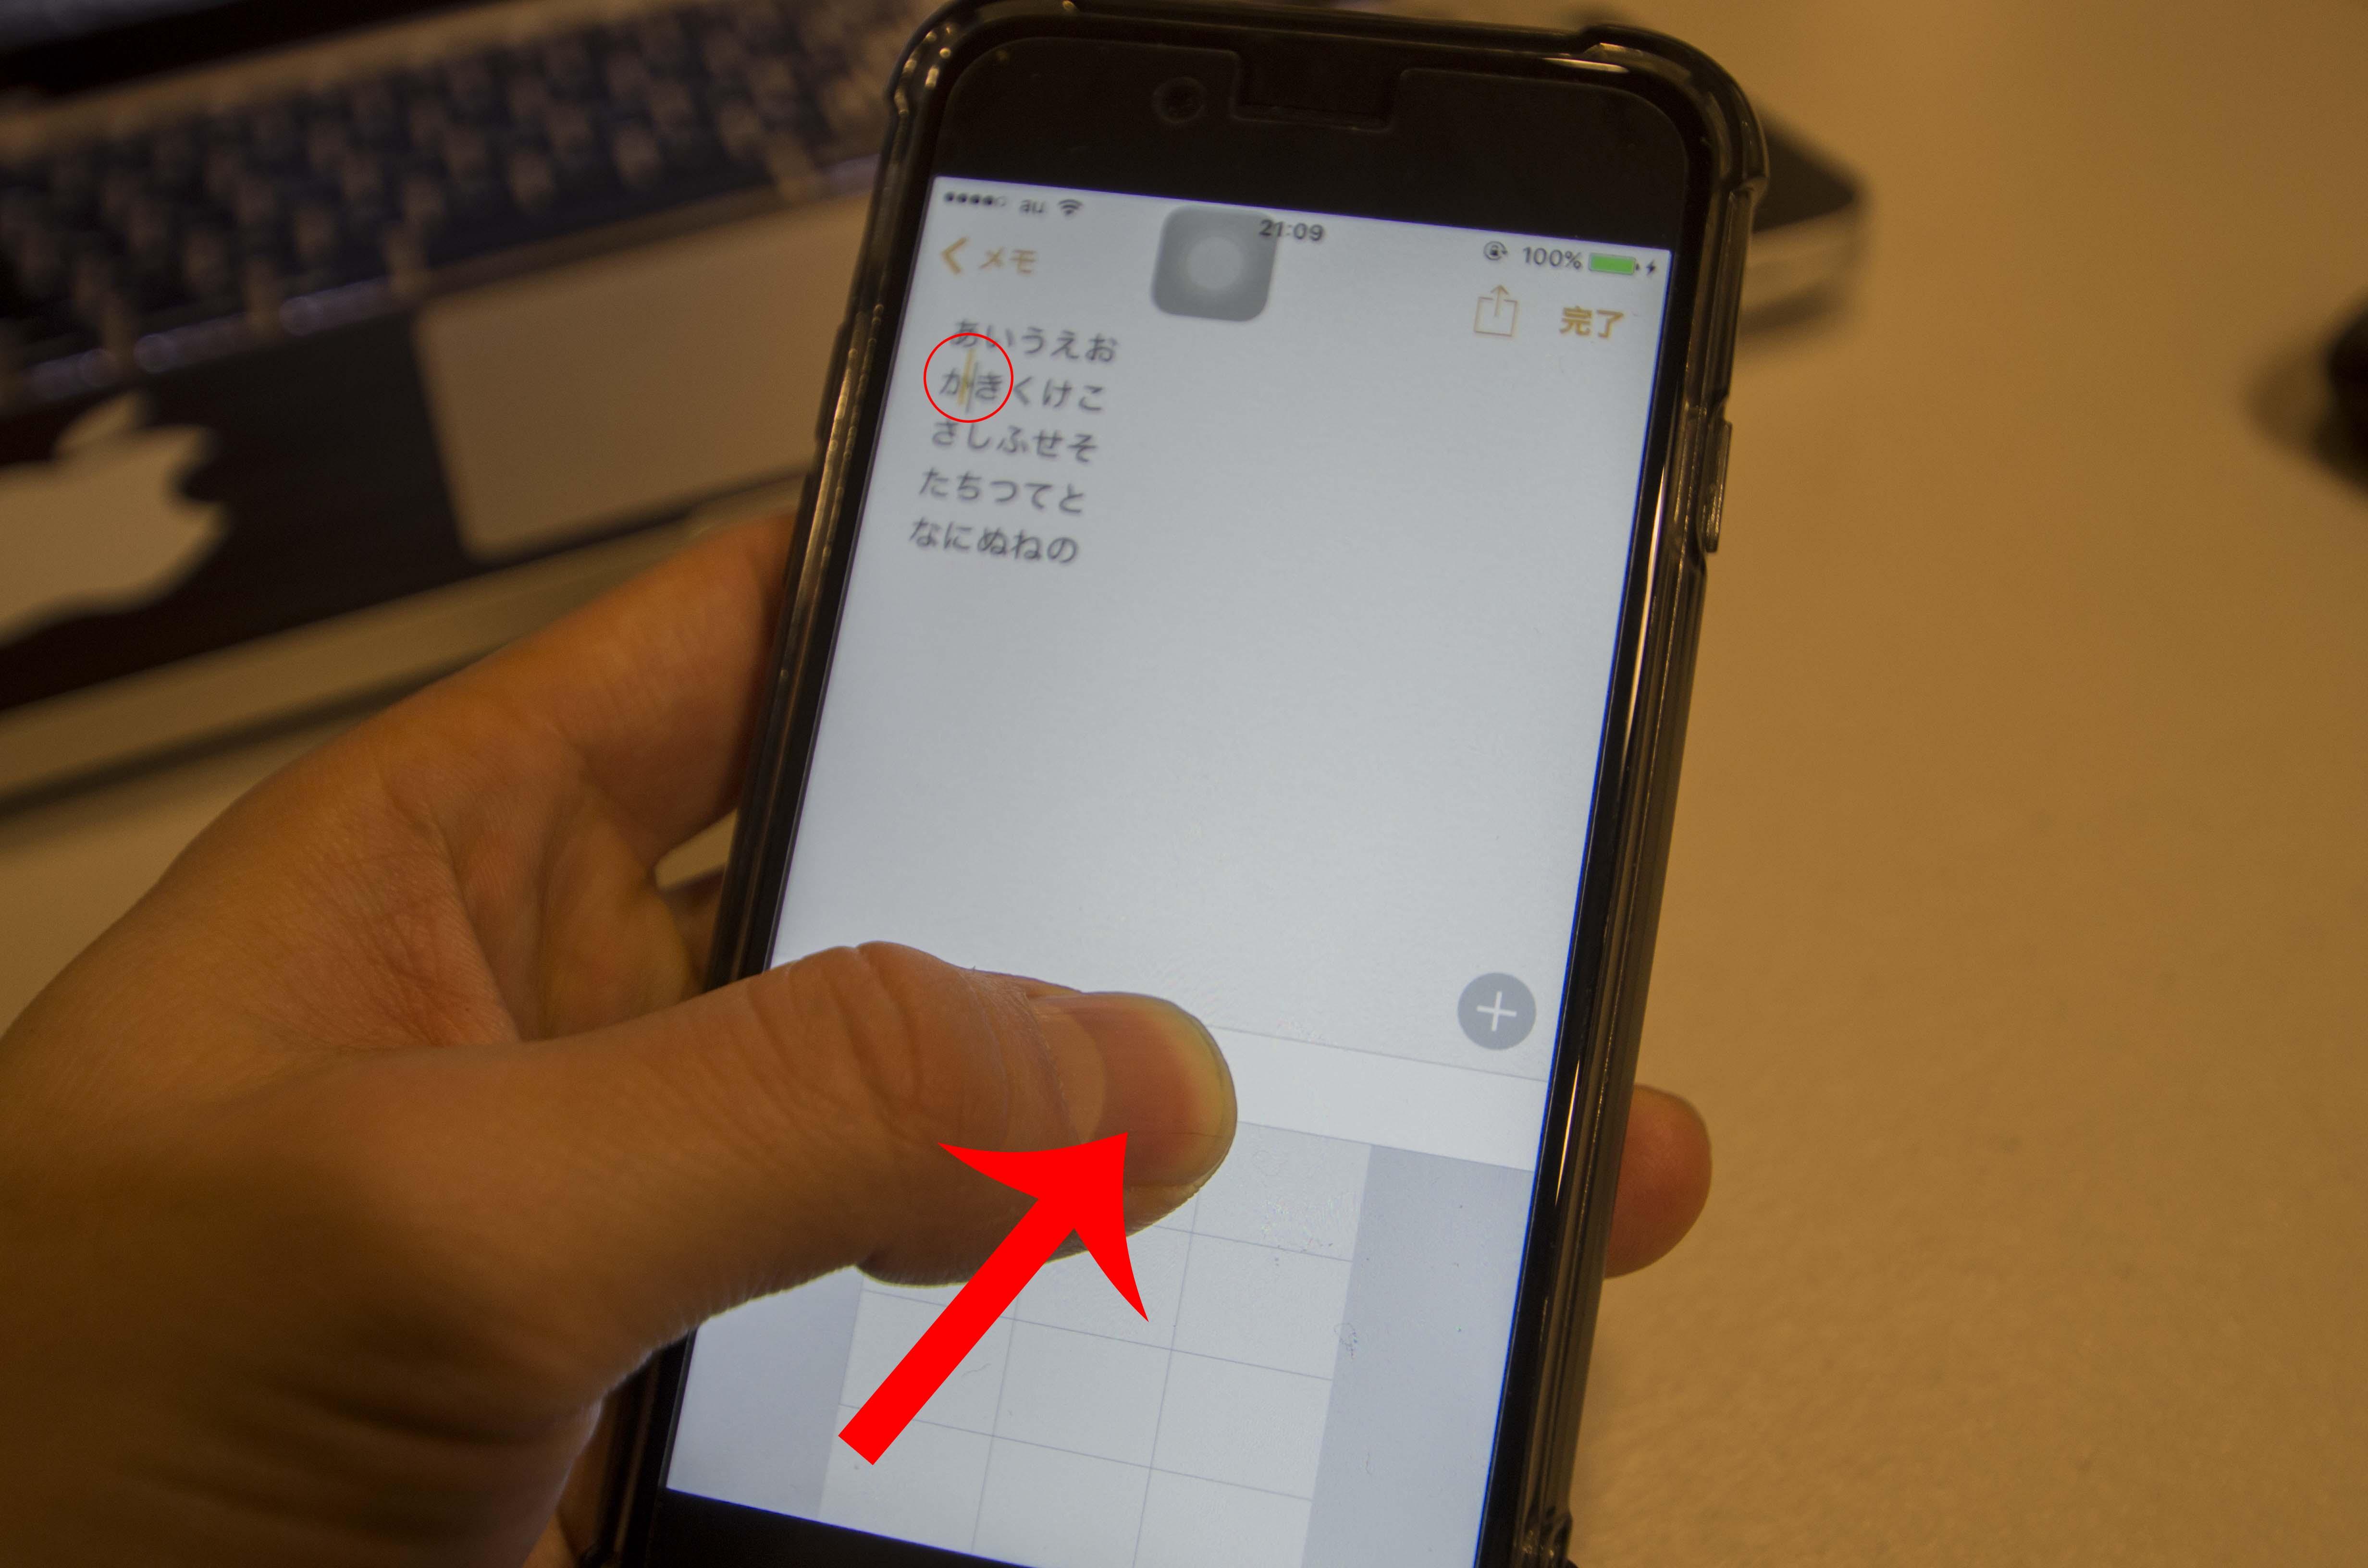 【iOS10+iPhone7】タイピング中の楽な文字カーソルの移動方法